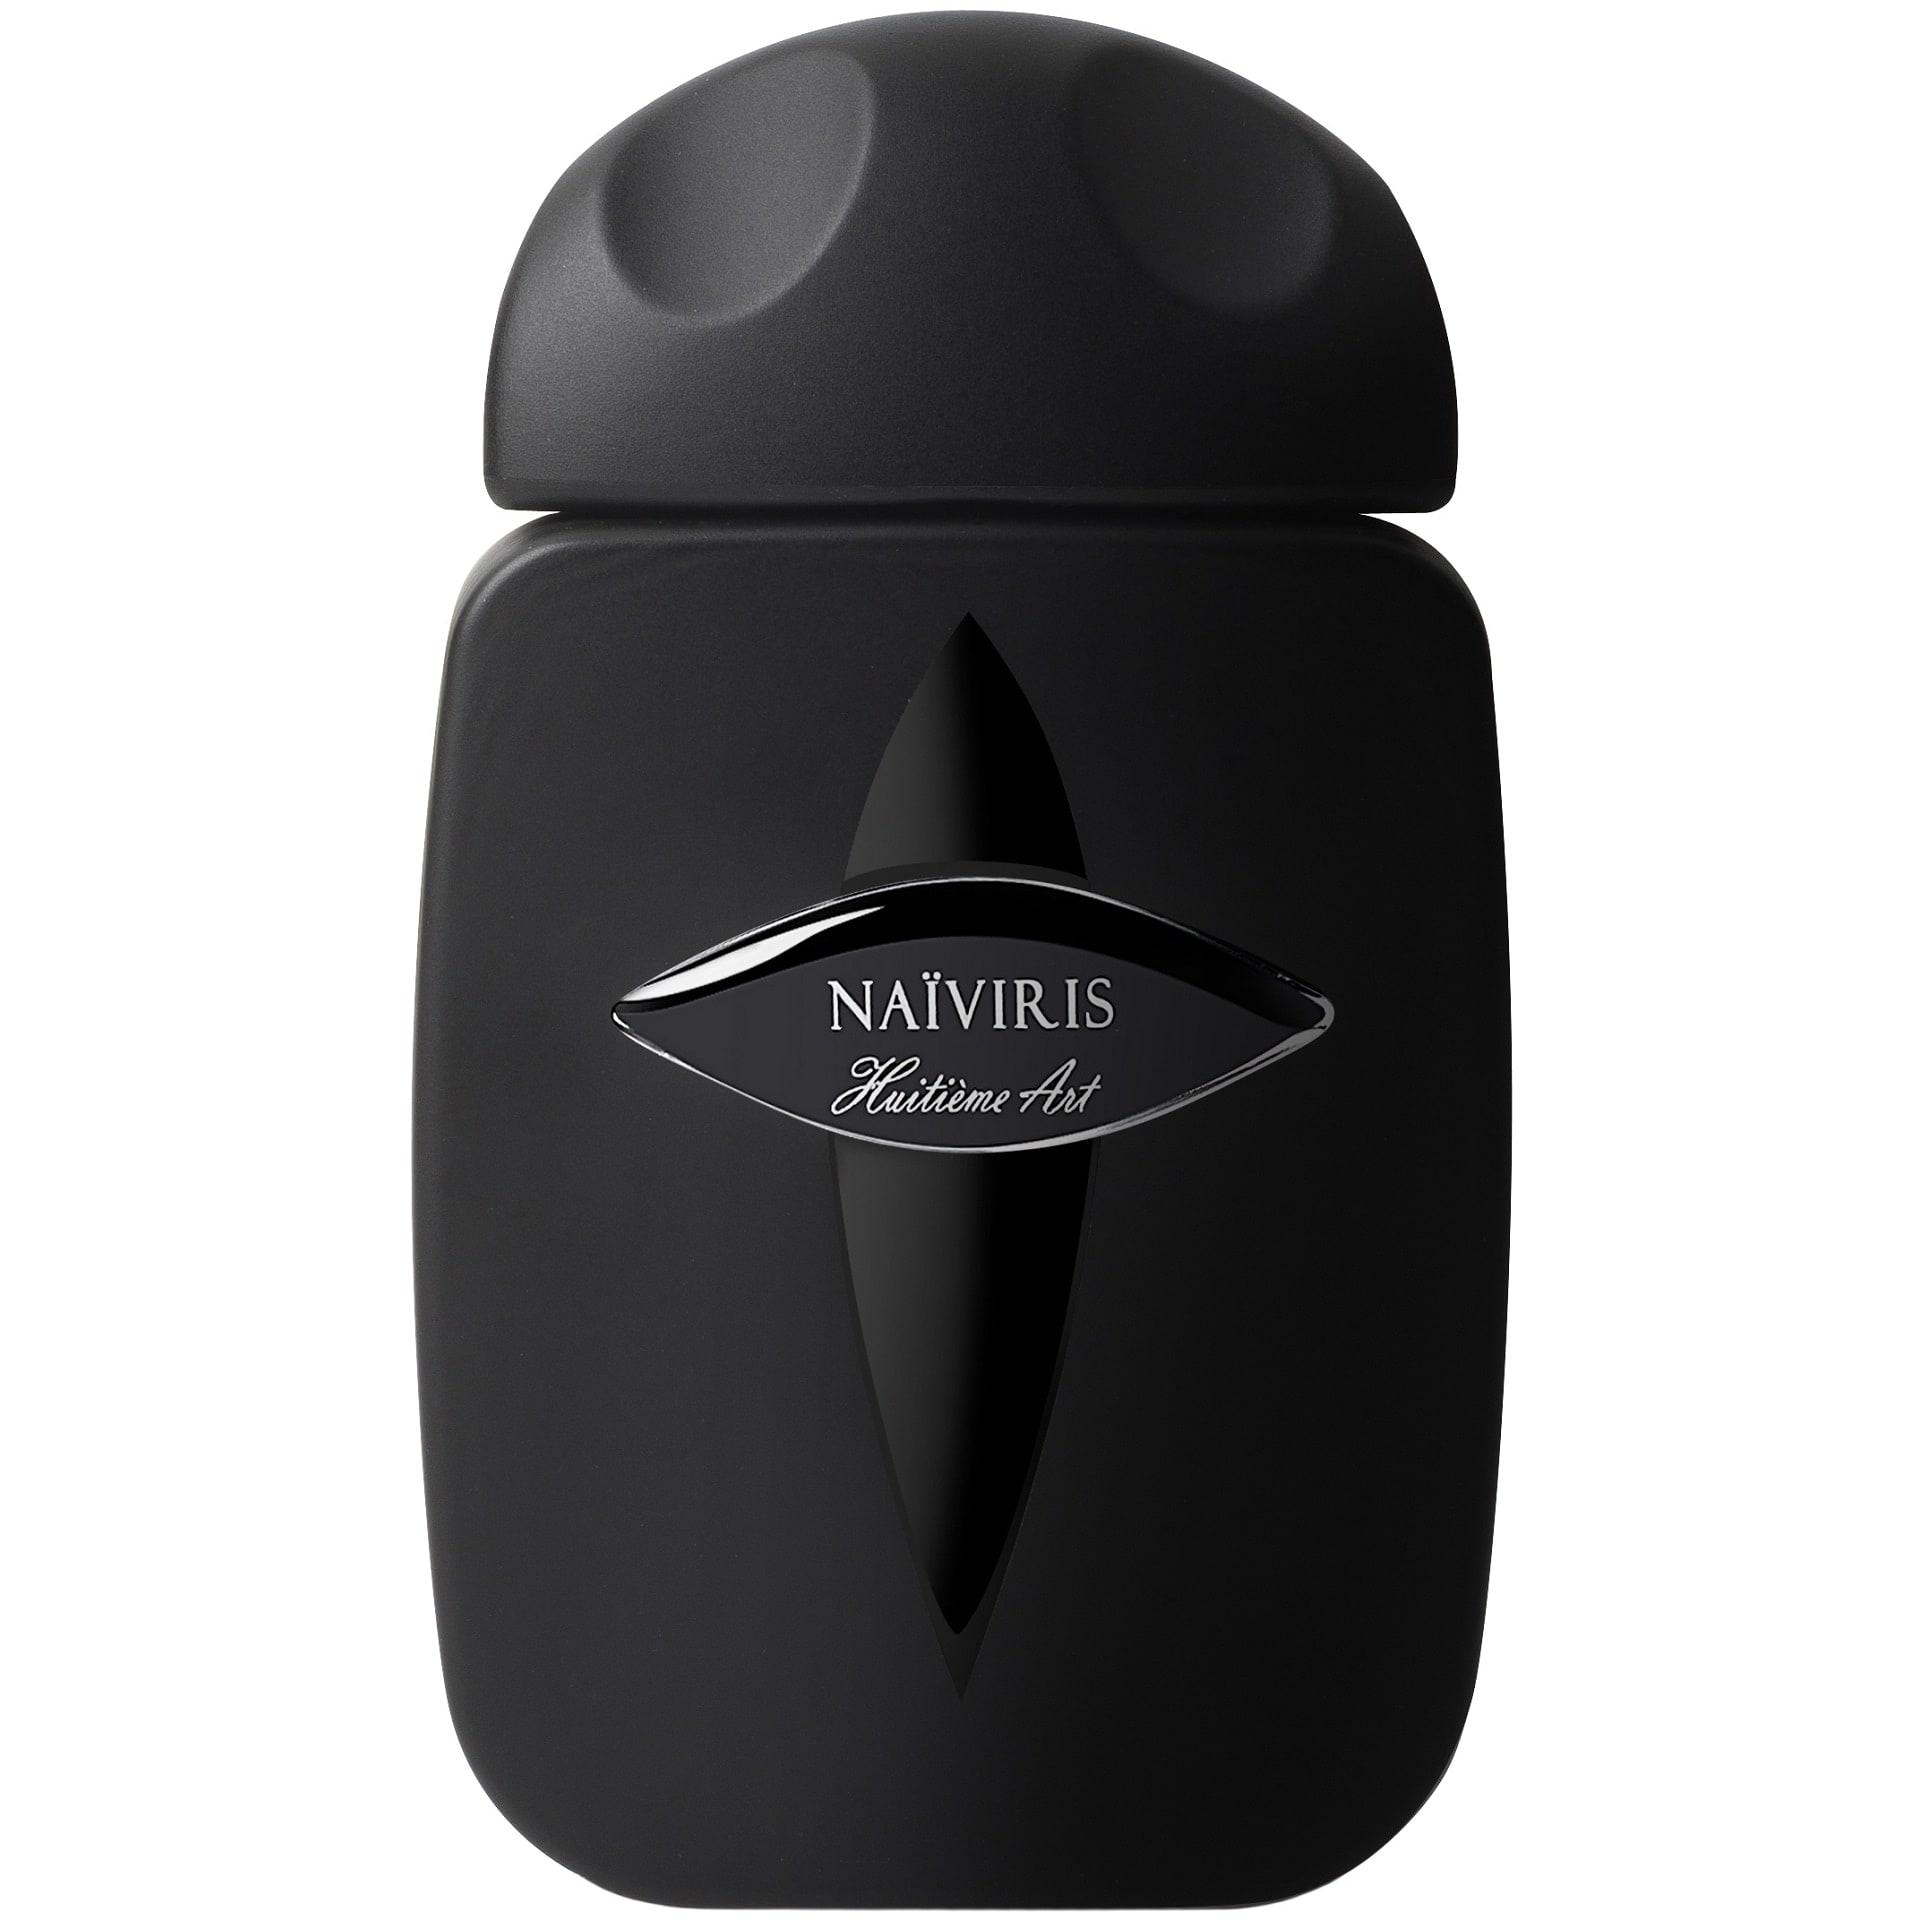 perfume-pierre-guillaume-huitieme-art-naiviris